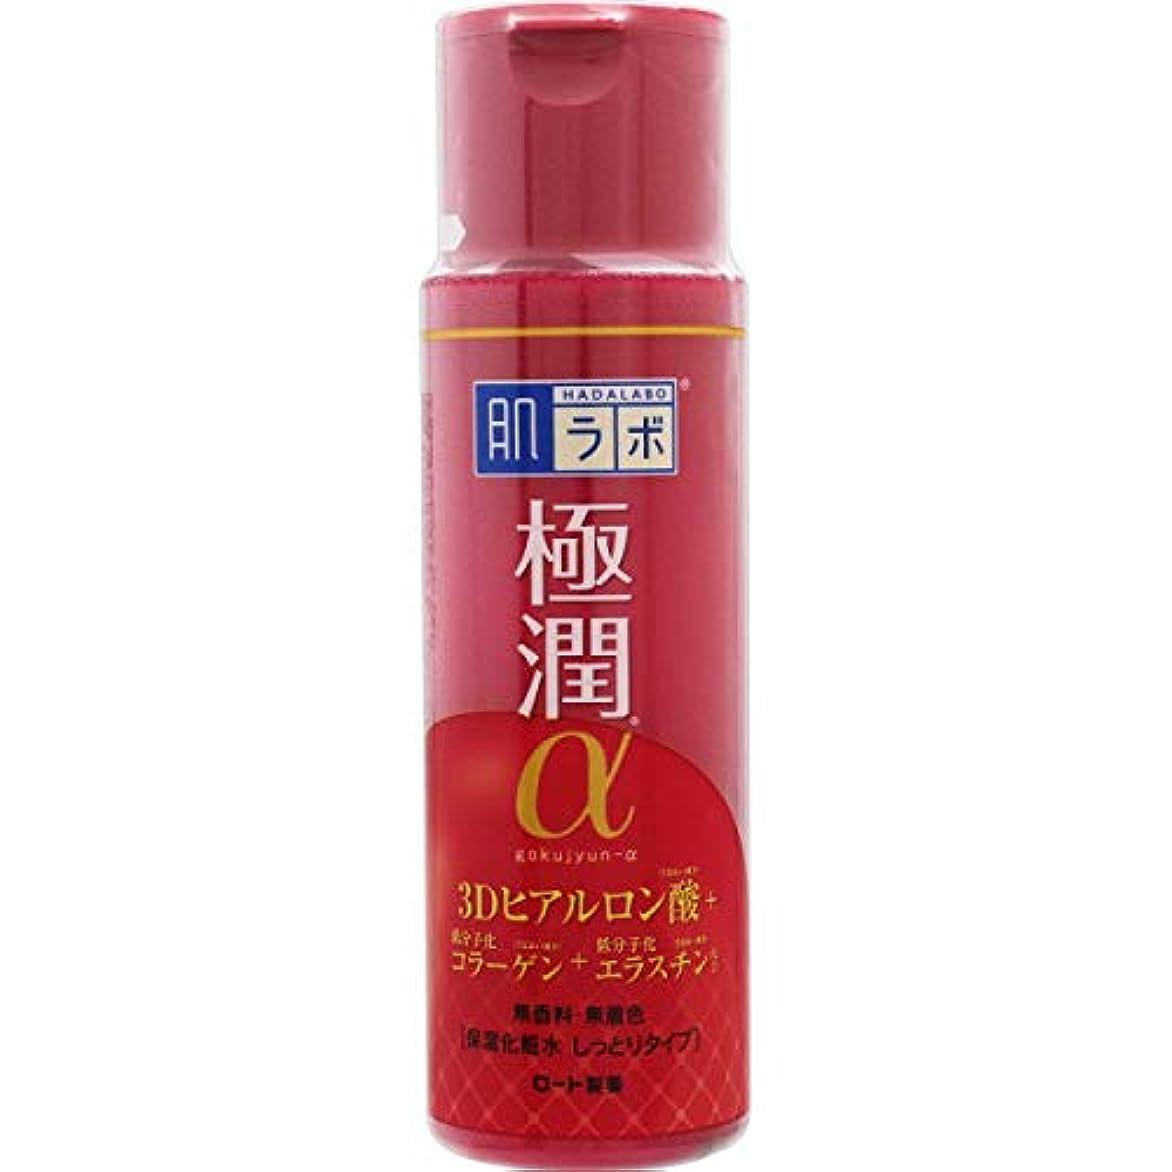 を除く蒸気薬用【まとめ買い】肌ラボ 極潤α ハリ化粧水しっとりタイプ 170ml×7個